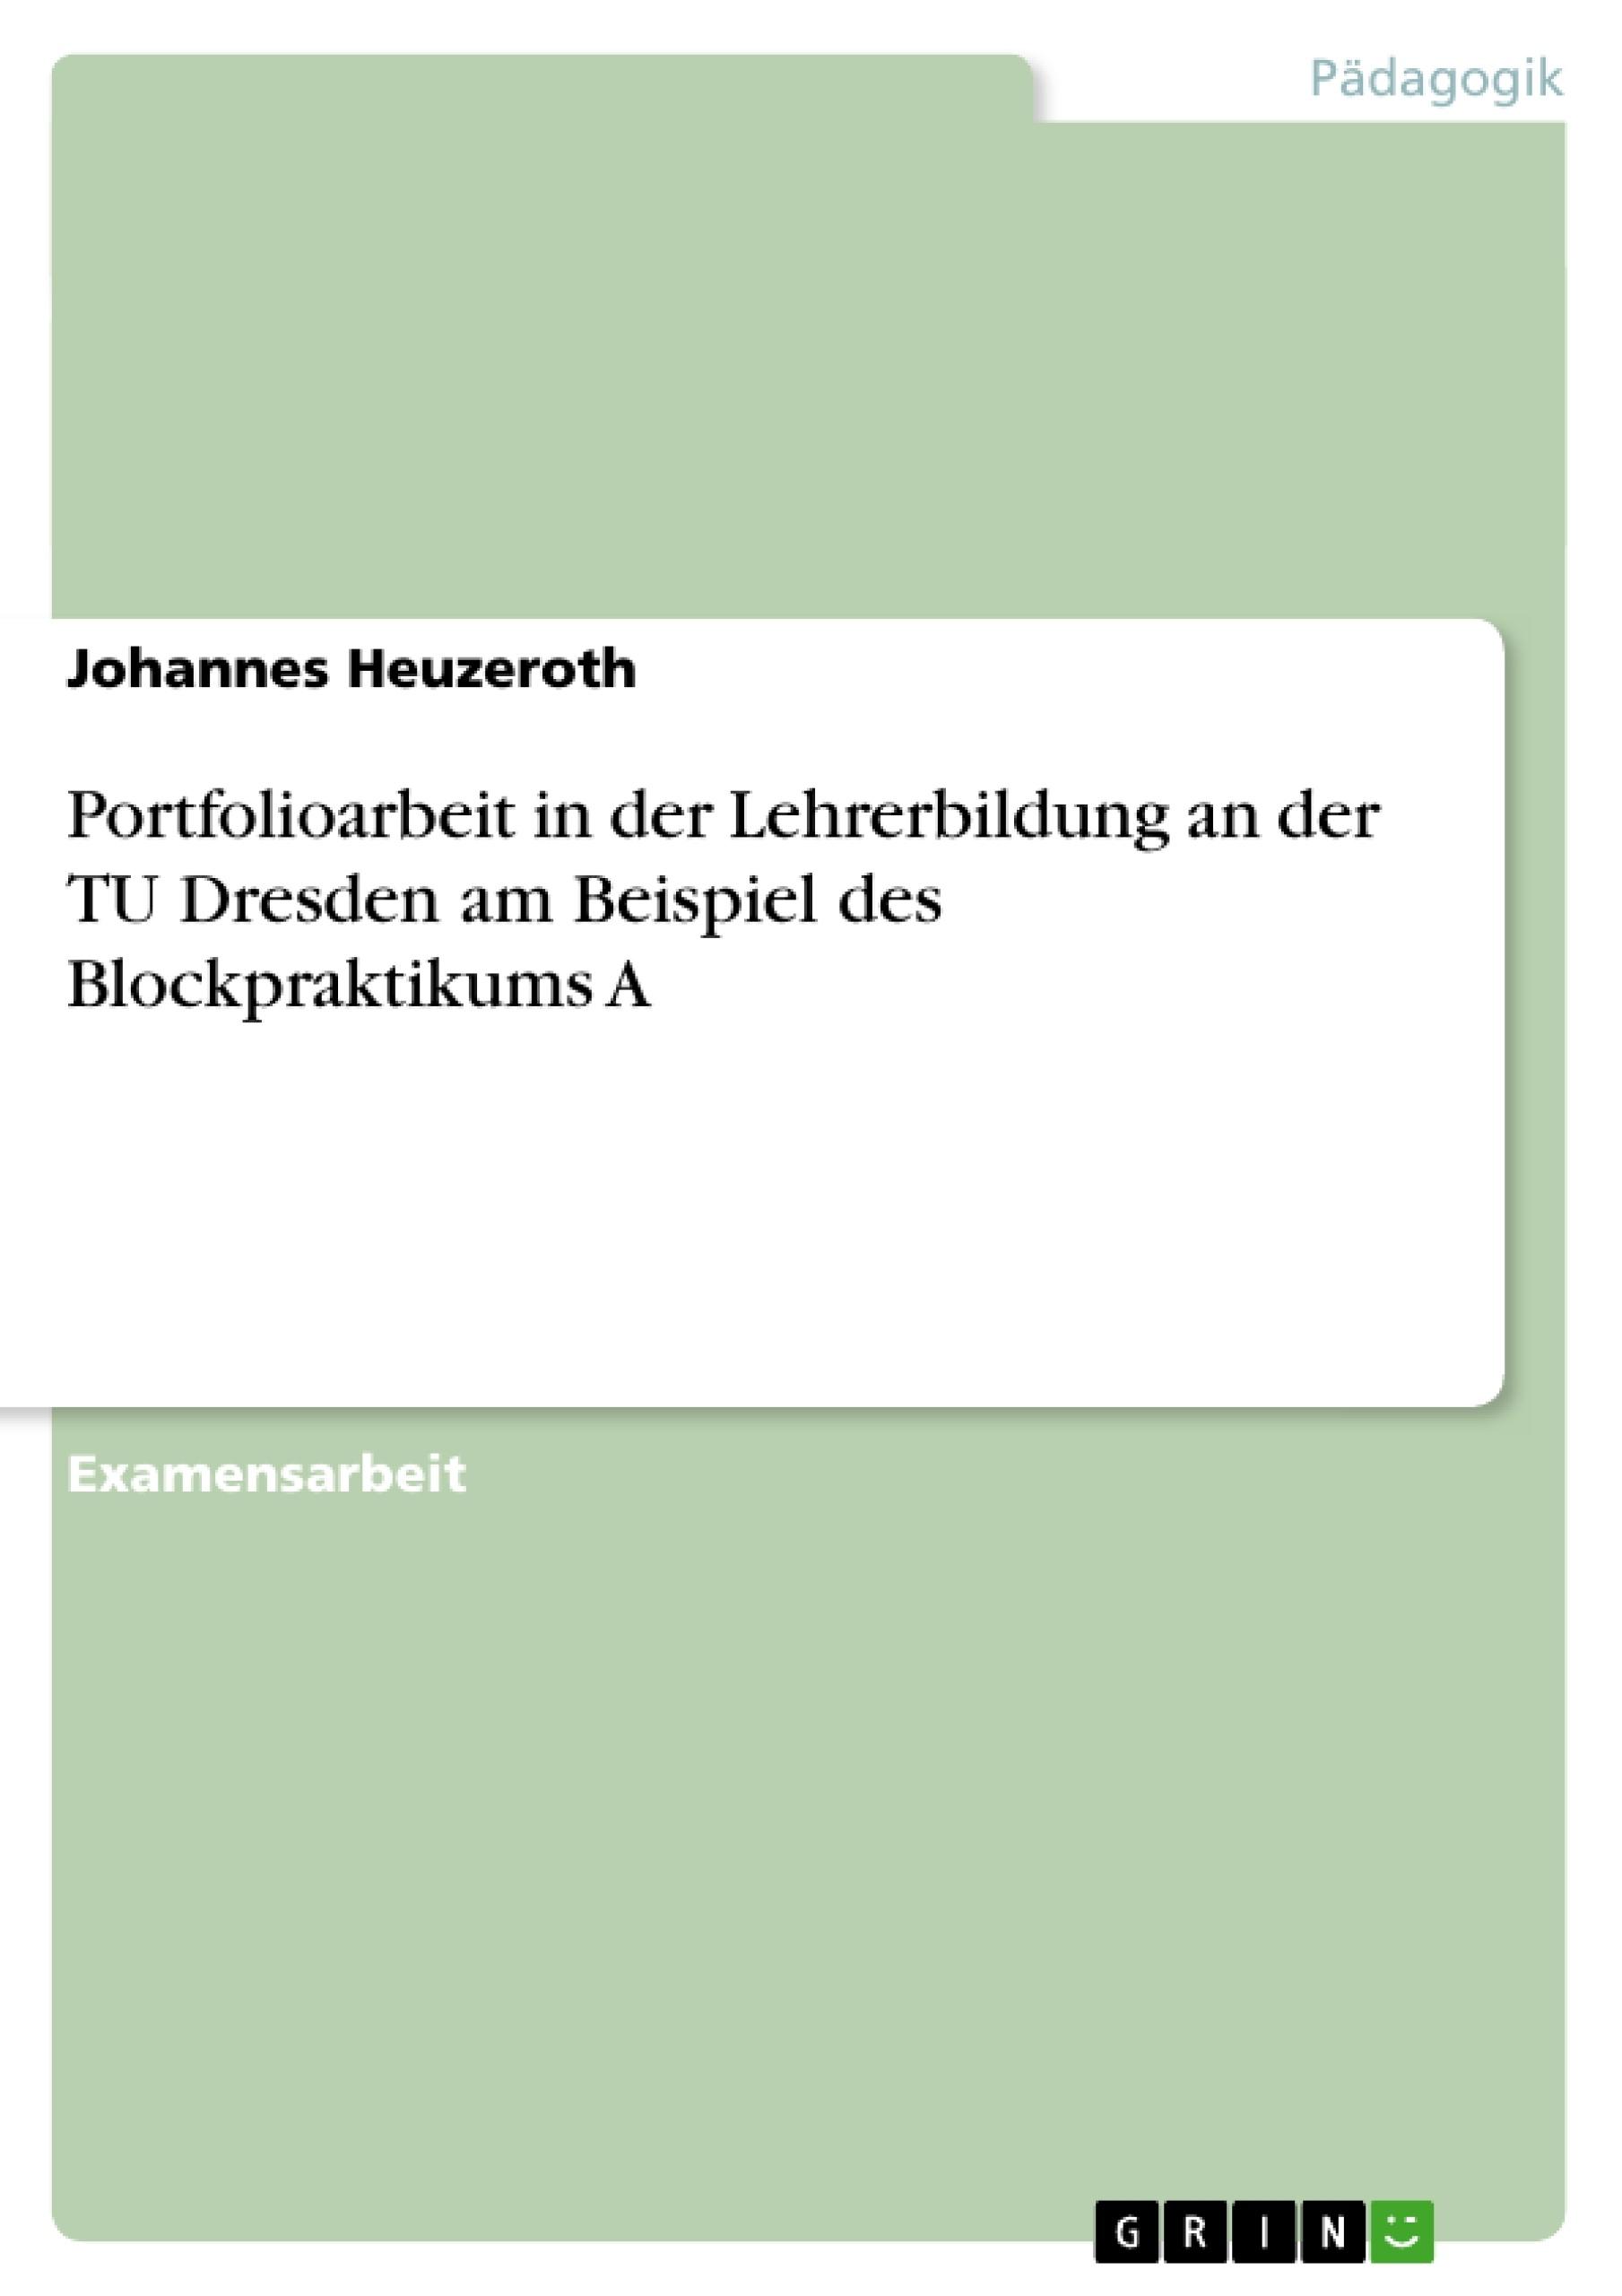 Titel: Portfolioarbeit in der Lehrerbildung an der TU Dresden am Beispiel des Blockpraktikums A